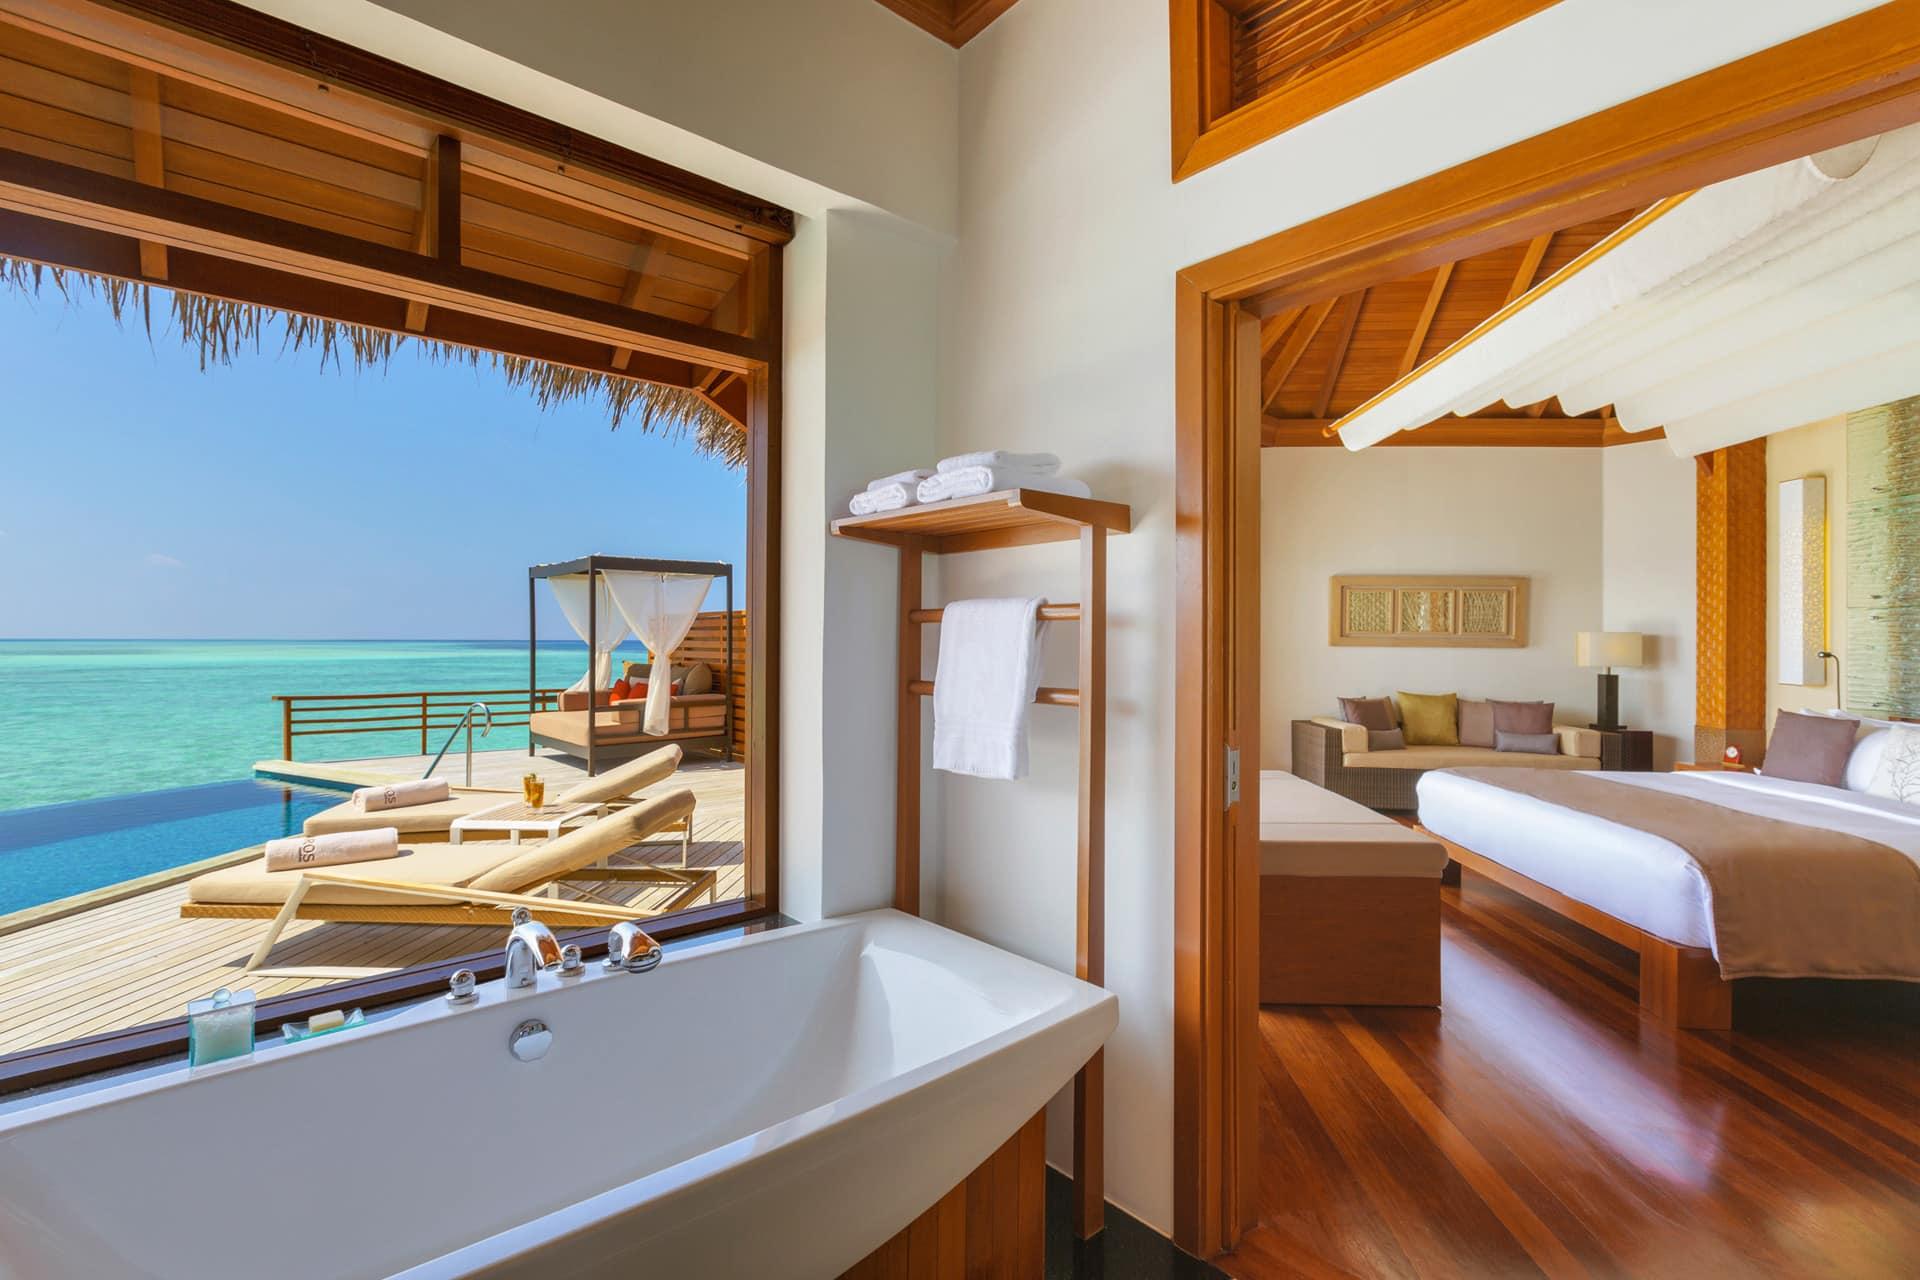 FelixHug_Hotels-&-Resorts_17